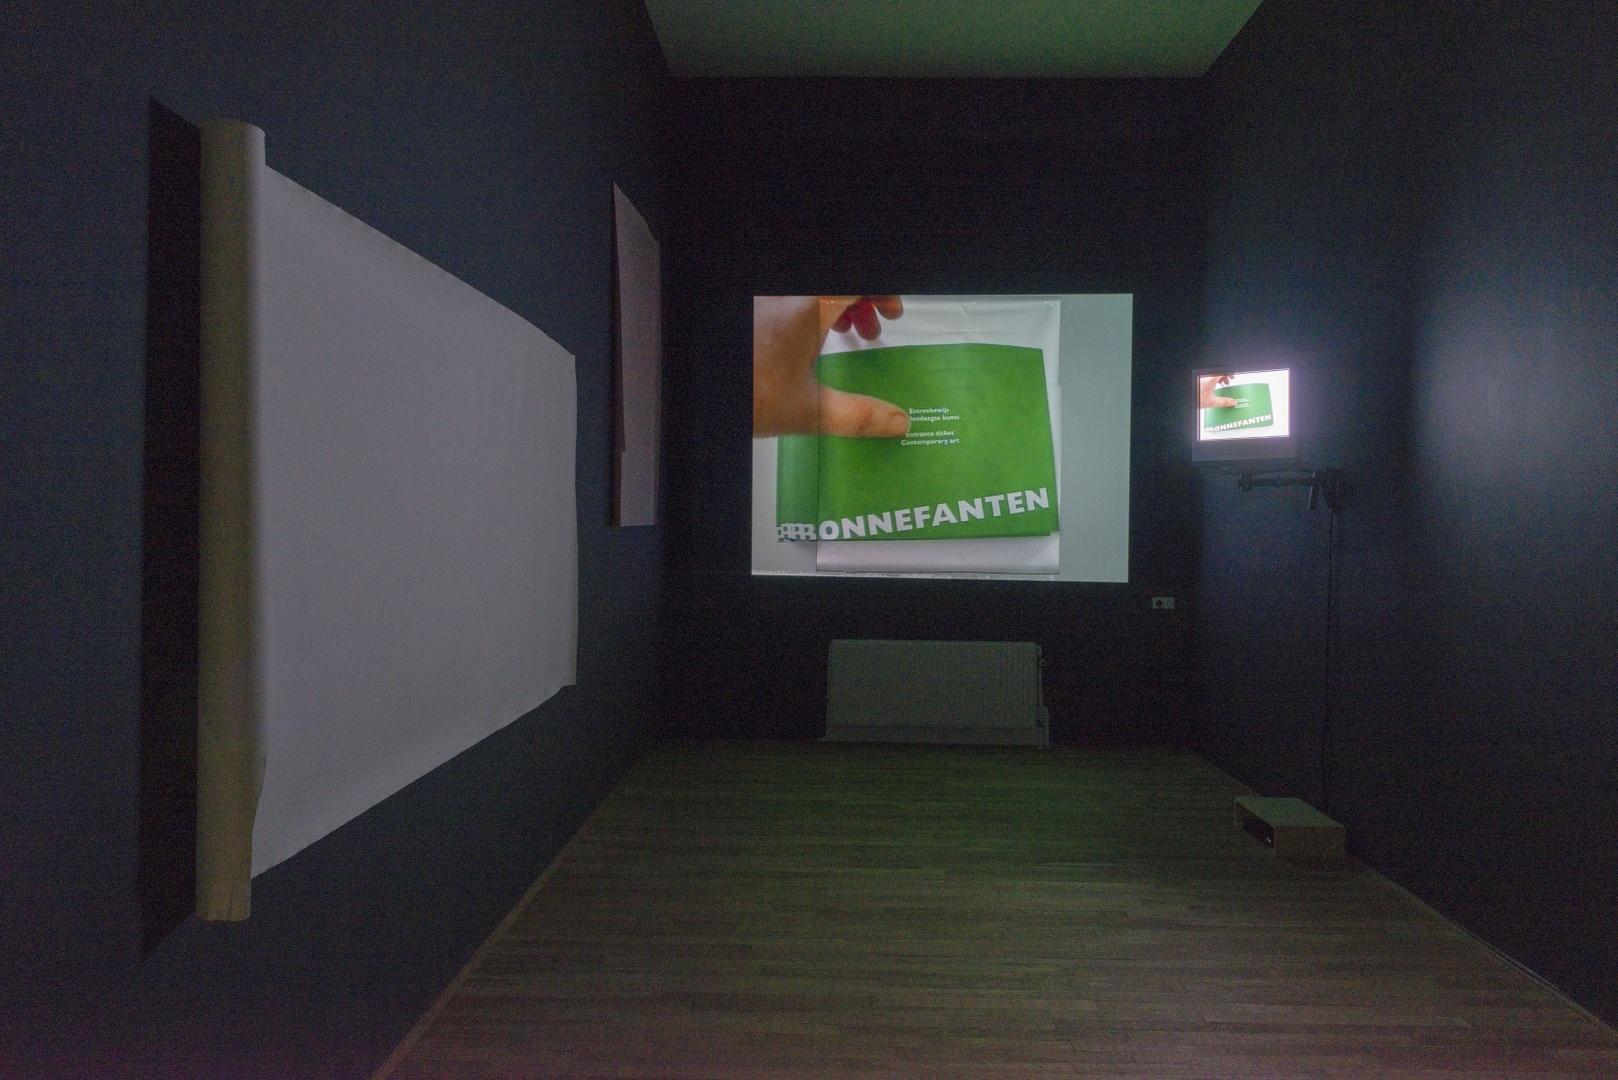 A stretch Museum Scale 1 : 1, een voorstel voor het Bonnefantenmuseum: la salle noire